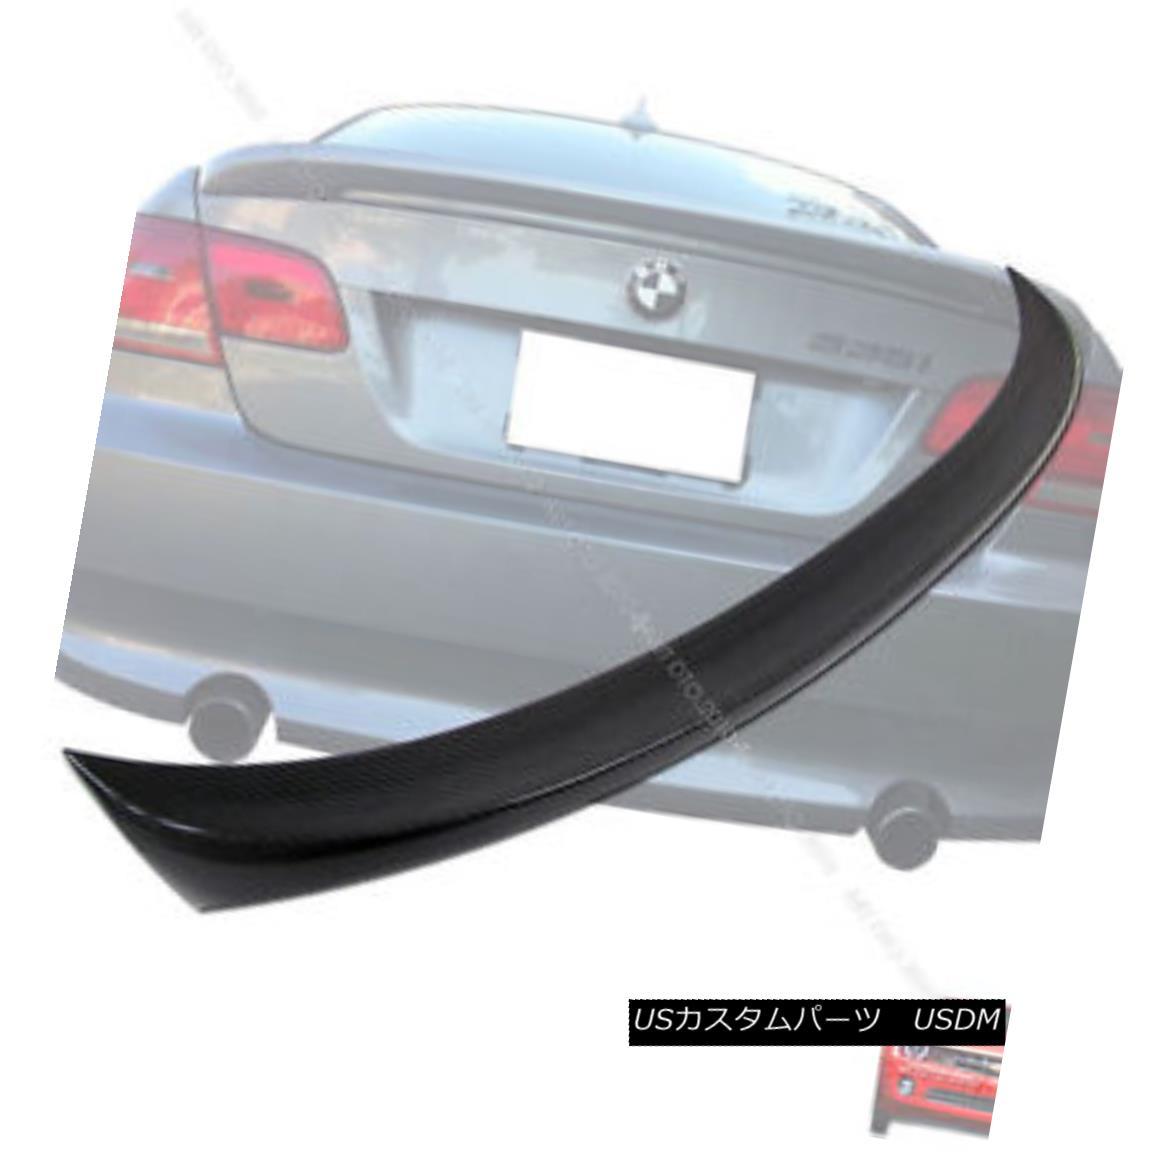 エアロパーツ Carbon Fiber BMW E92 3 Series 2DR M-Tech Boot Trunk Spoiler 2007 2013 カーボンファイバーBMW E92 3シリーズ2DR M-Techブーツトランク・スポイラー2007 2013